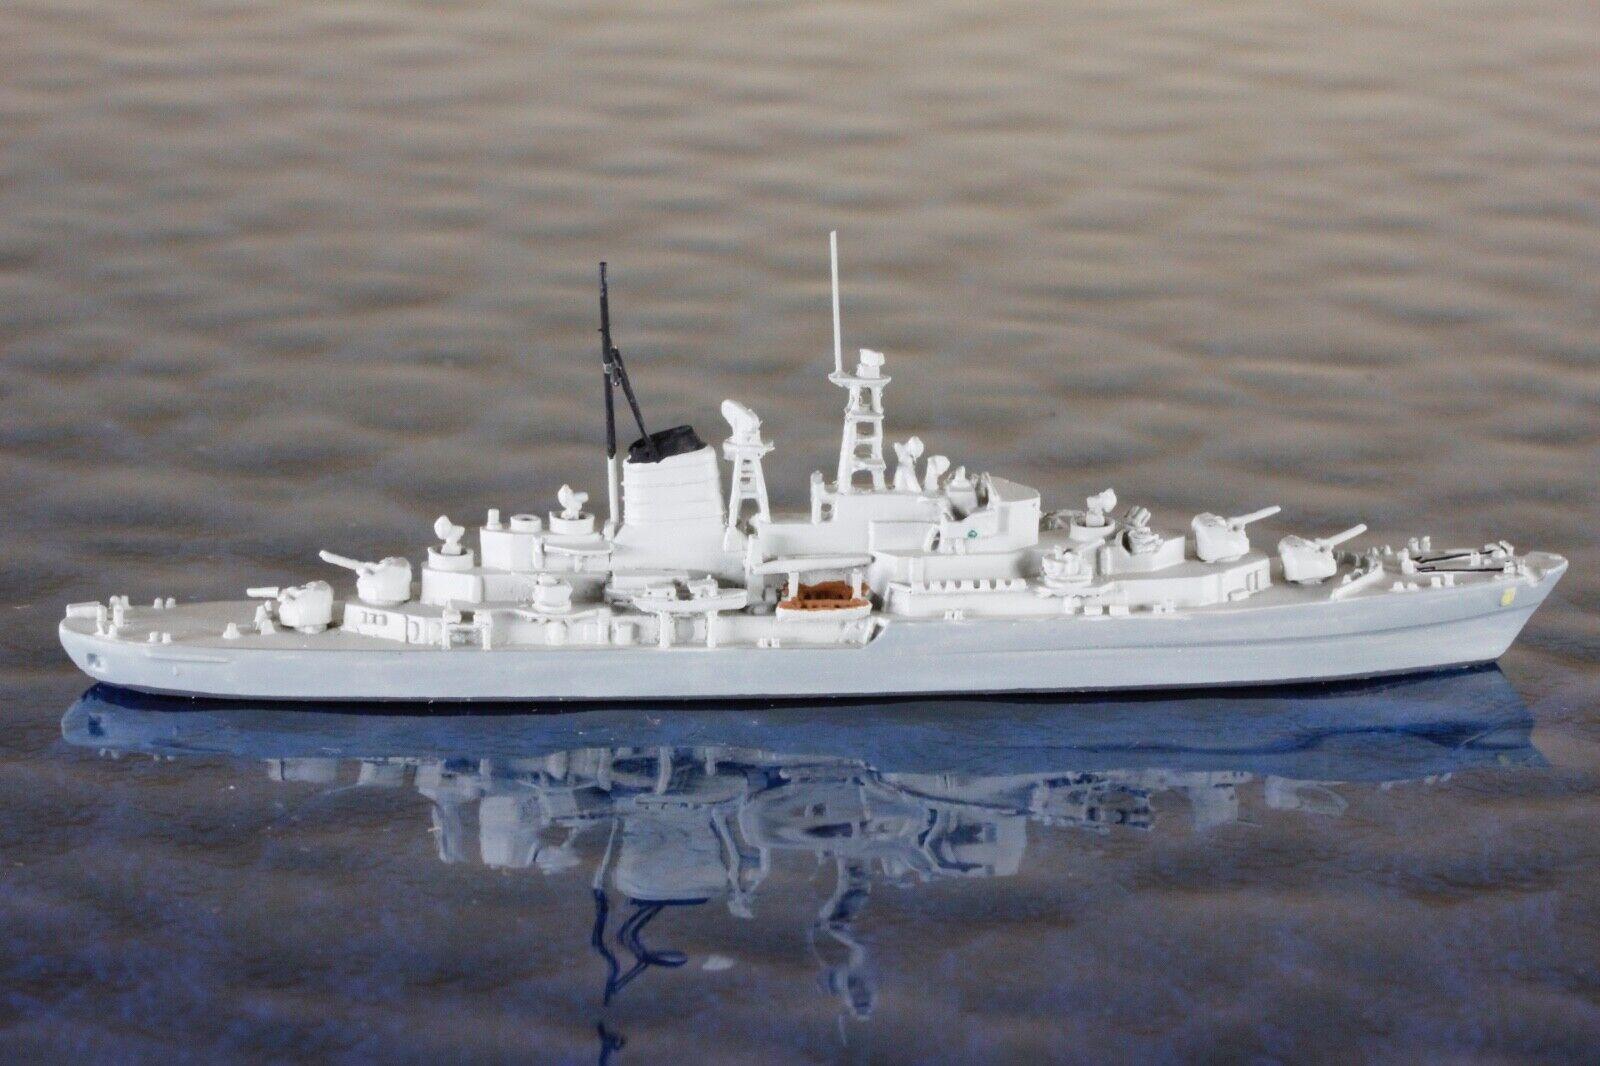 Germany KL .401 Manufacturers Albatros K 6, 1 1250 Ship Model